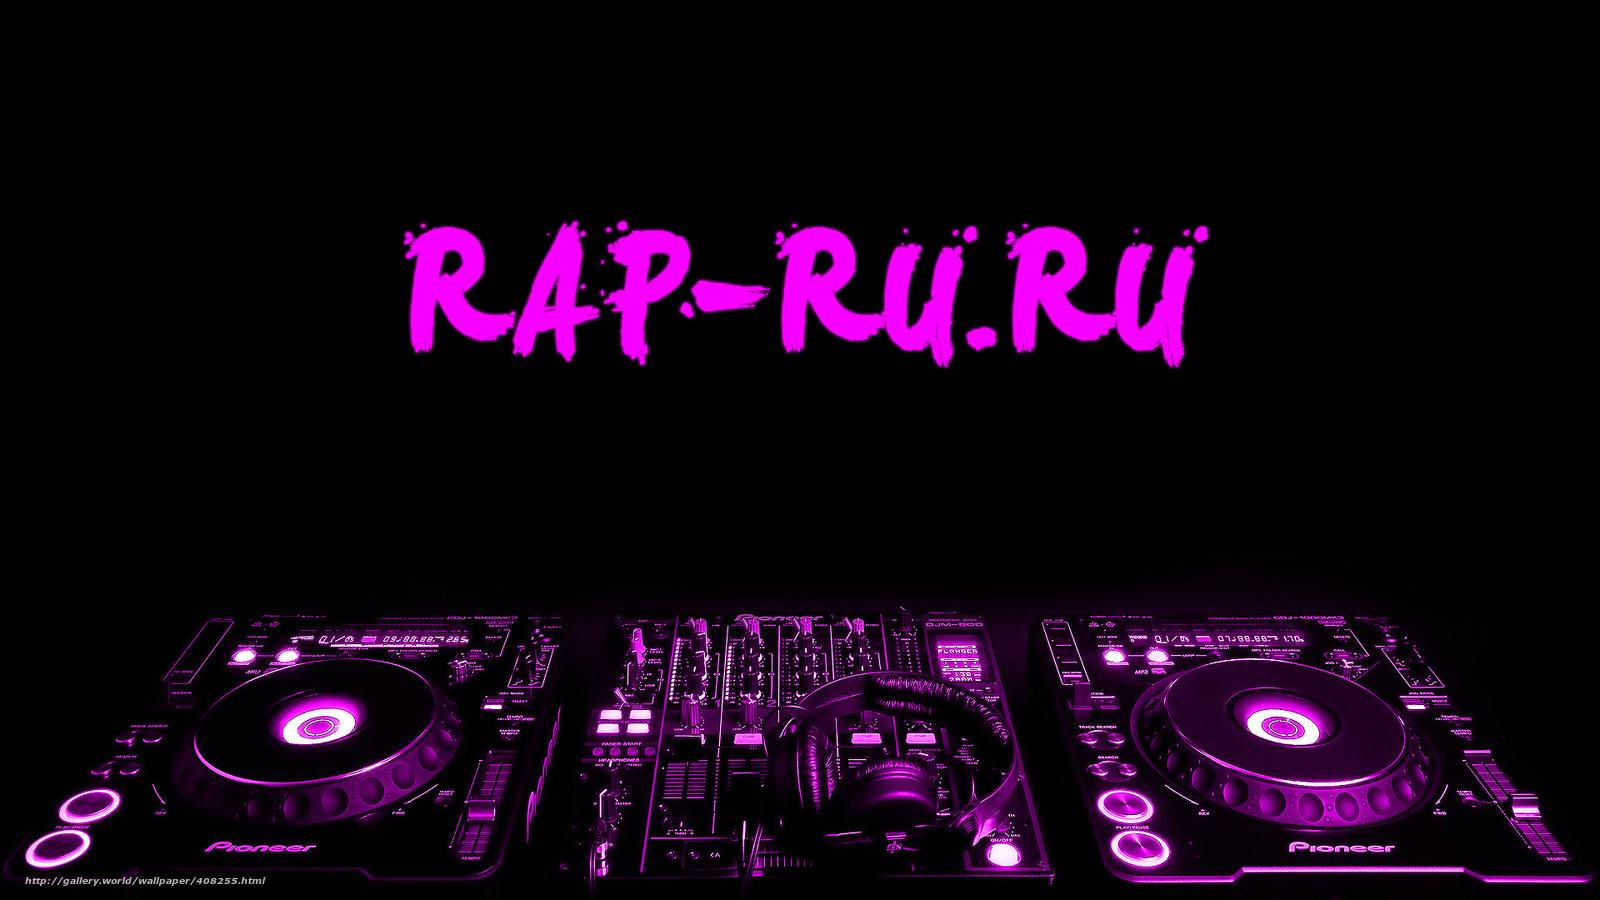 壁紙をダウンロード Rap Ru Dj ラップ Rus デスクトップの解像度のための無料壁紙 19x1080 絵 4055